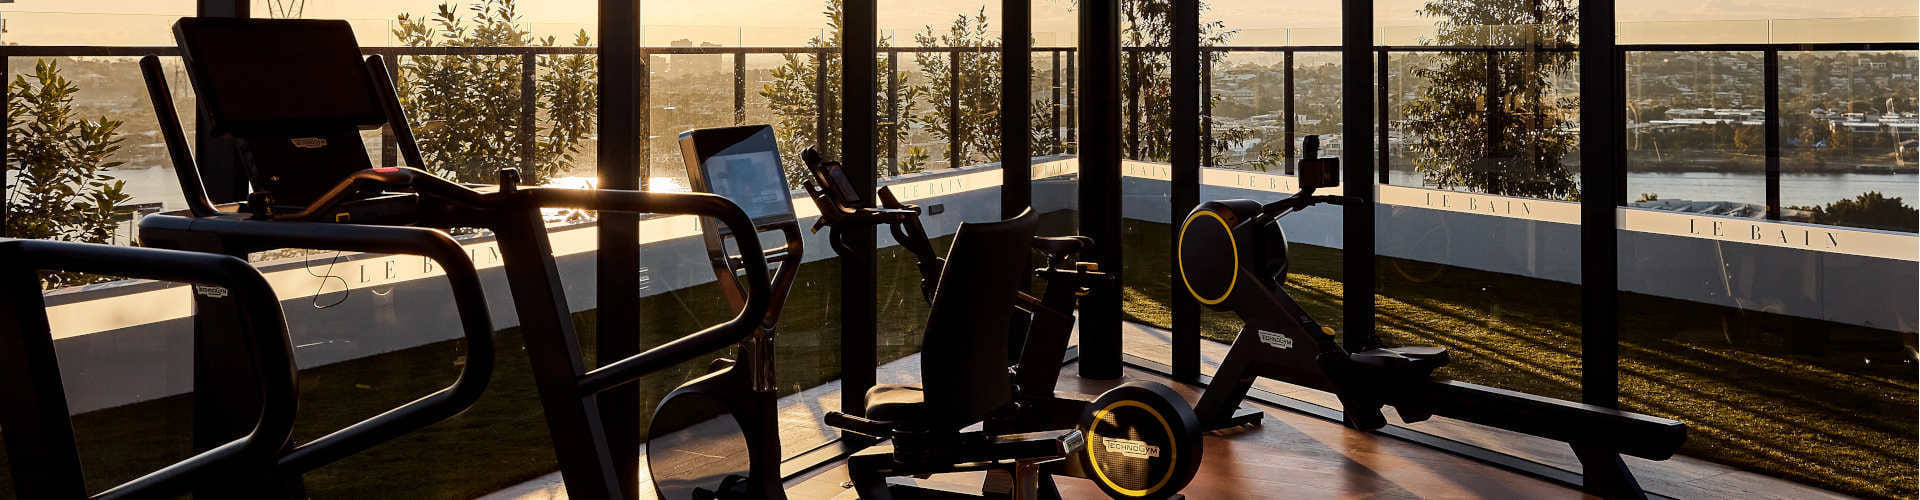 Hotellien tyylikkäät wellness-ratkaisut maailmalta